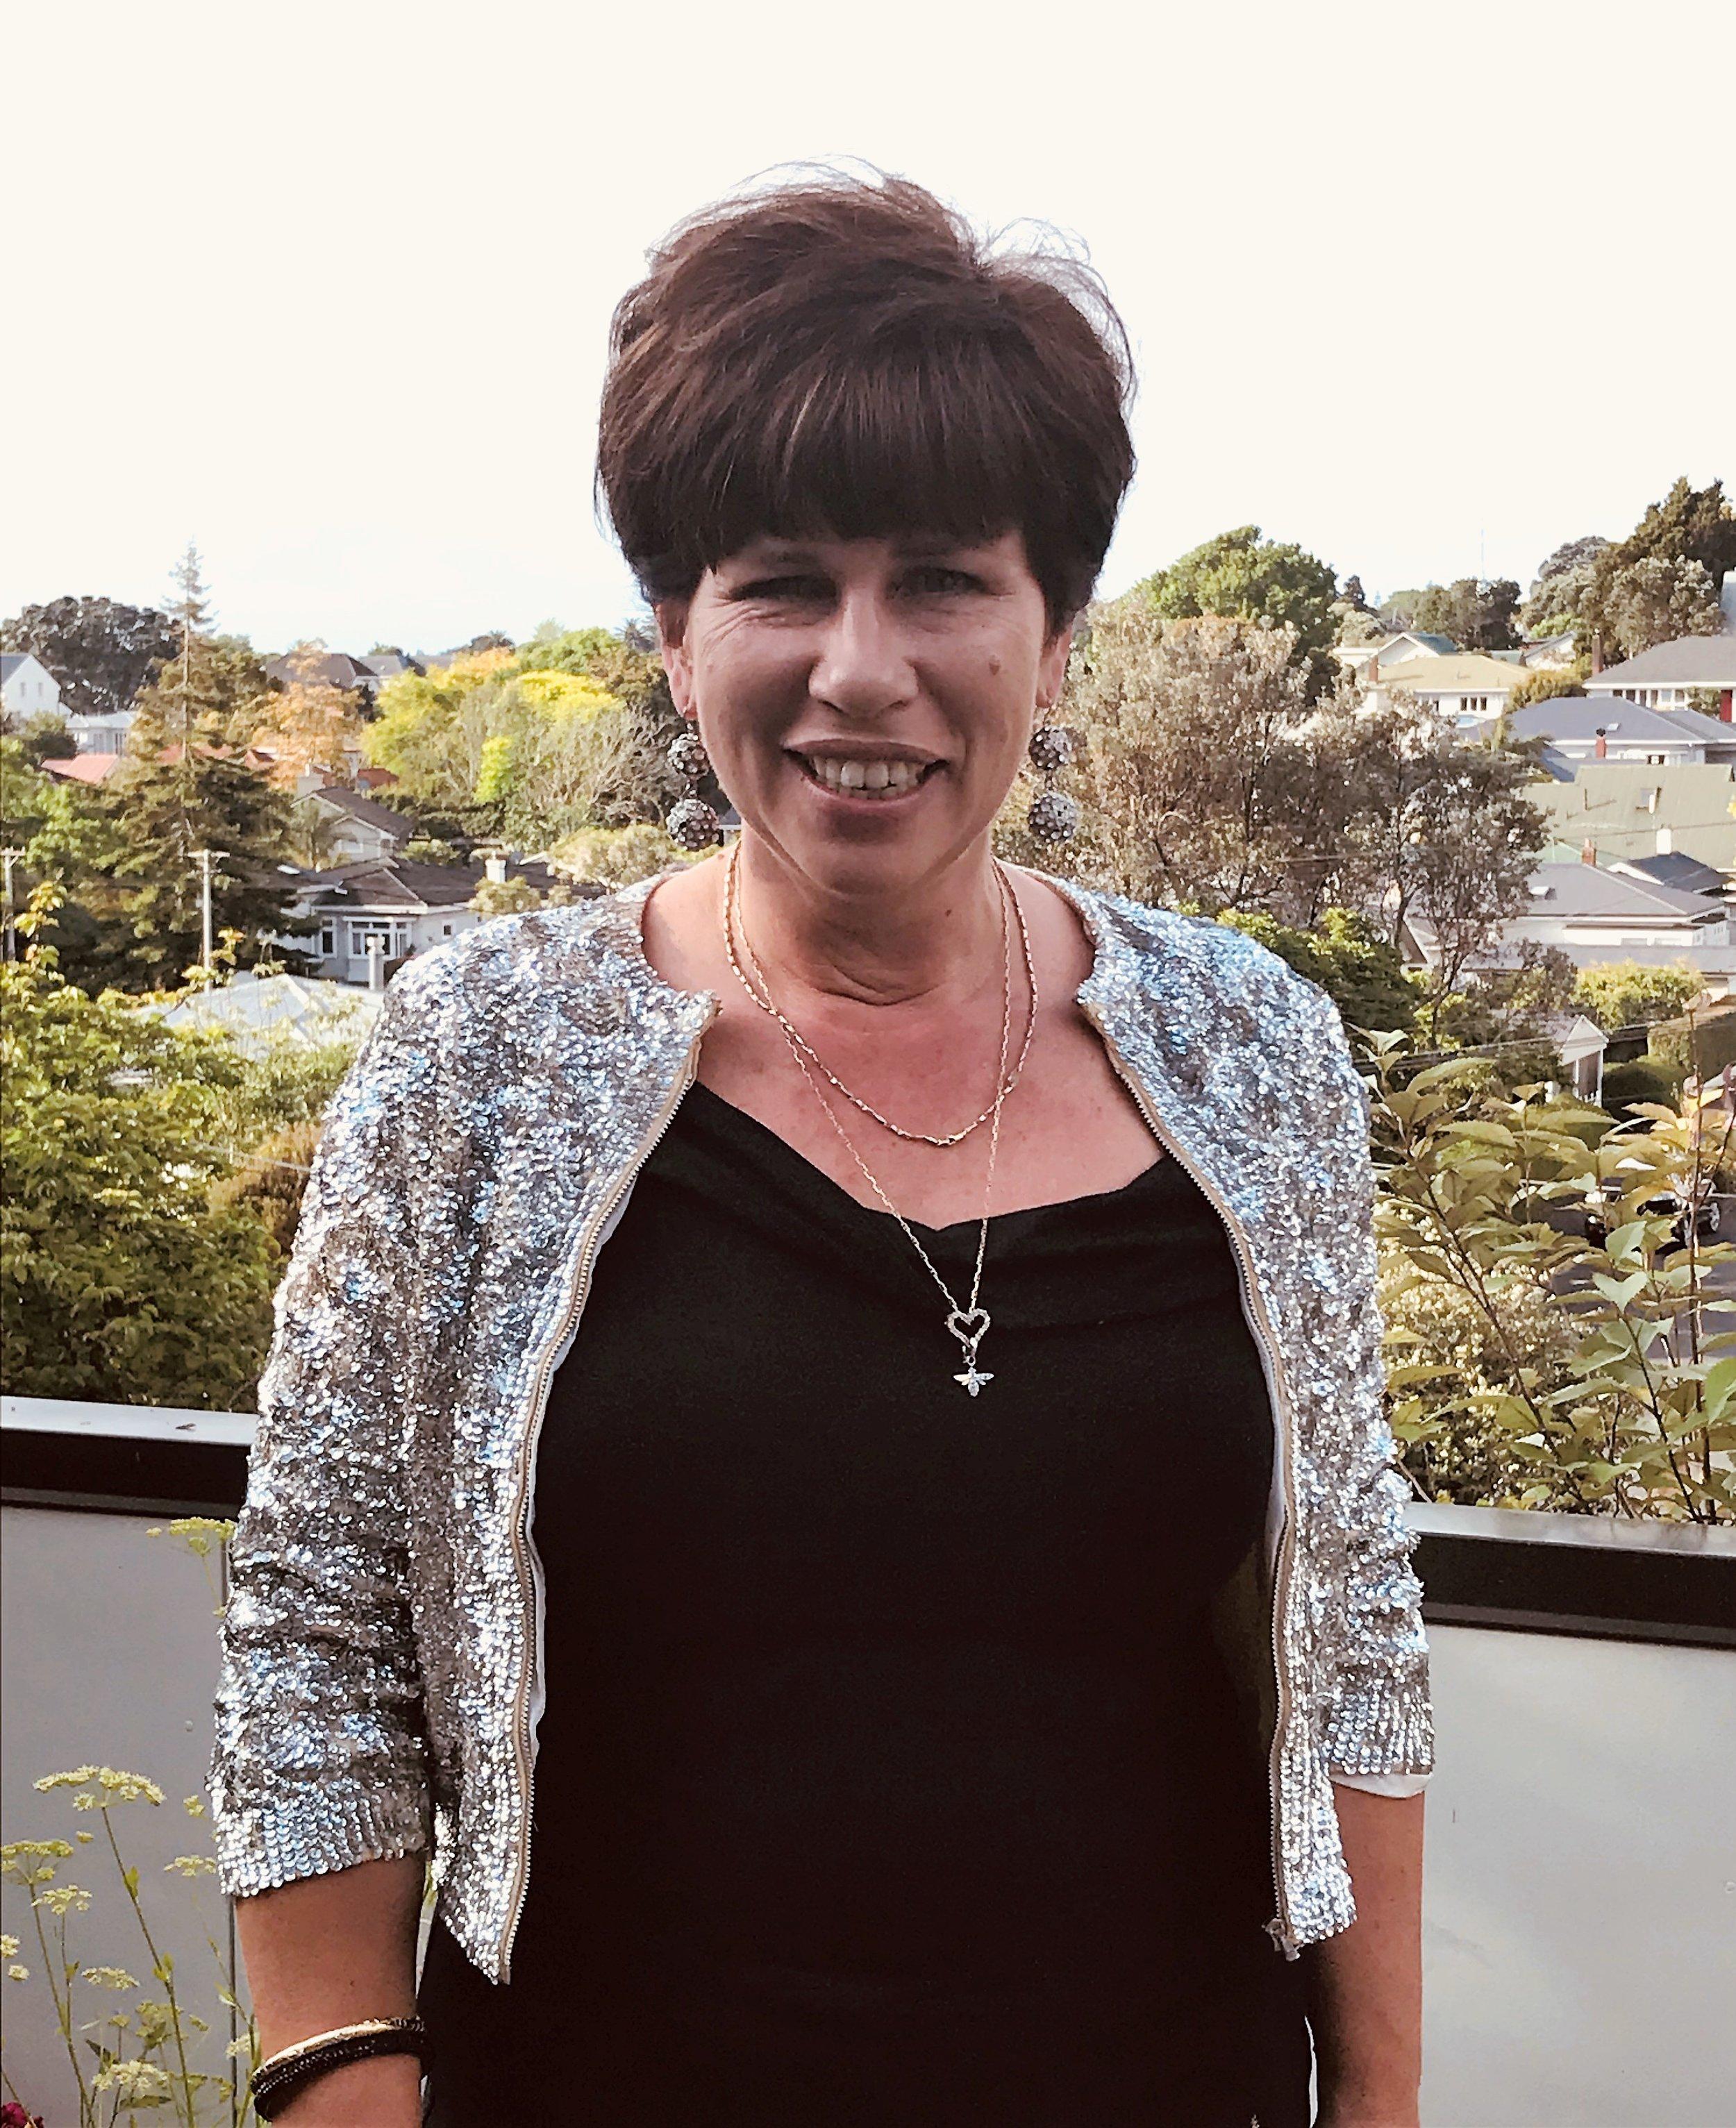 VALERIA BURROWS, DIRECTOR